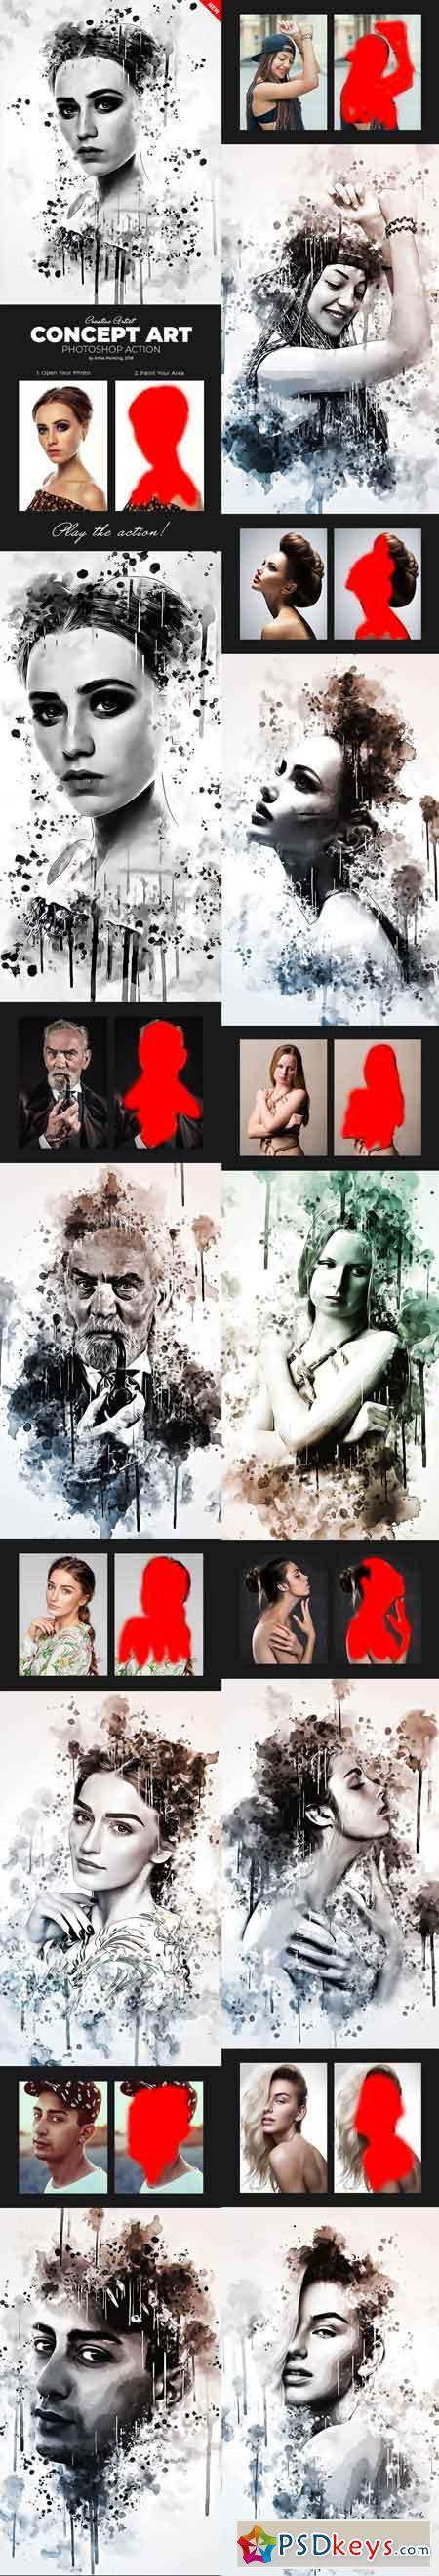 Concept Art Photoshop Action 22066186